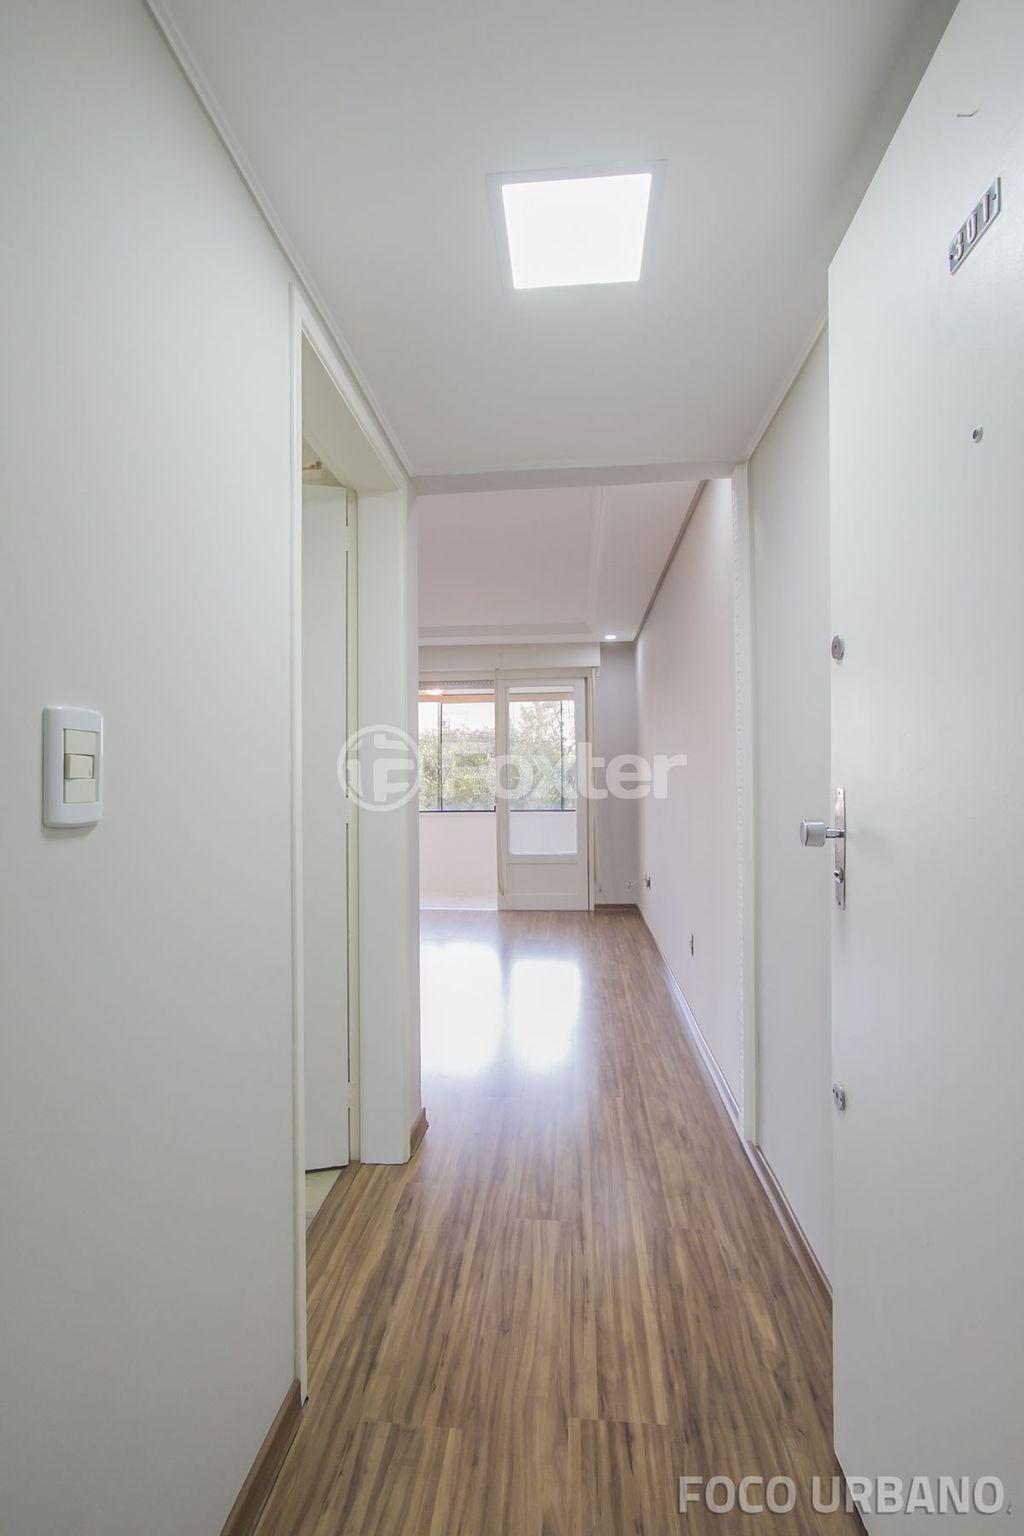 Foxter Imobiliária - Apto 2 Dorm, Centro, Canoas